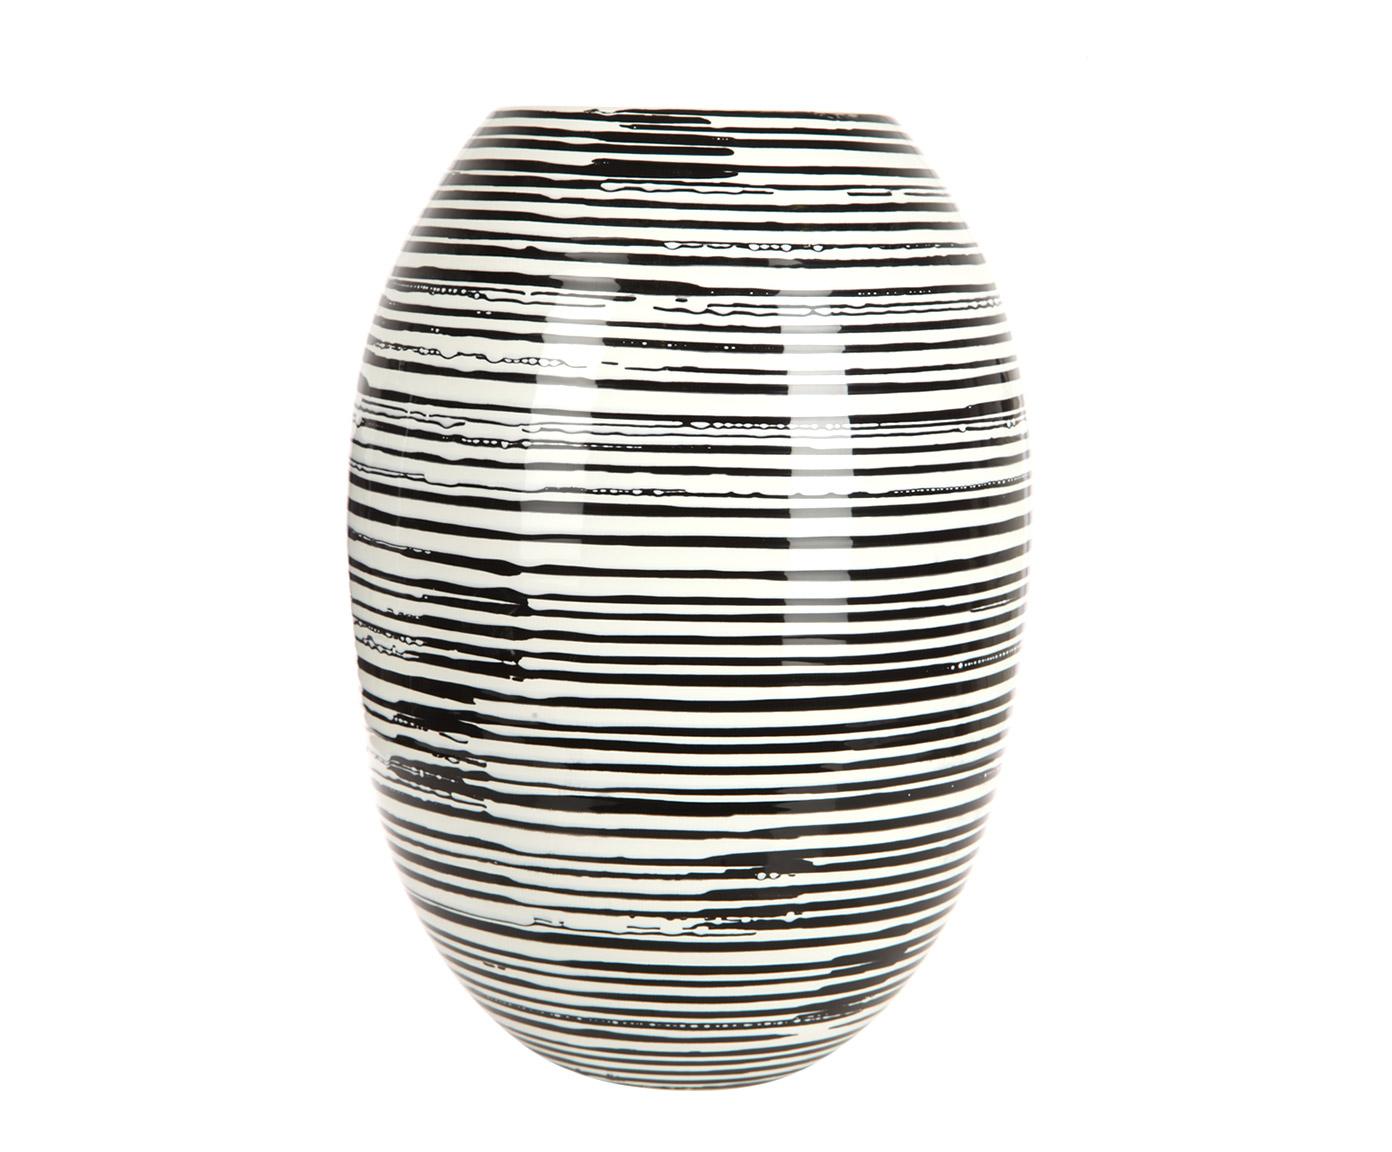 Ваза декоративнаяВазы<br>Контрастная монохромная ваза с нанесенными на нее будто от руки концентрическими кругами выполнена из керамики с глянцевой глазуровкой. Благодаря простой форме и универсальной расцветке она органично дополнит интерьер в самых разных стилях: от этно до минимализма.<br><br>Material: Керамика<br>Width см: None<br>Height см: 36,5<br>Diameter см: 26